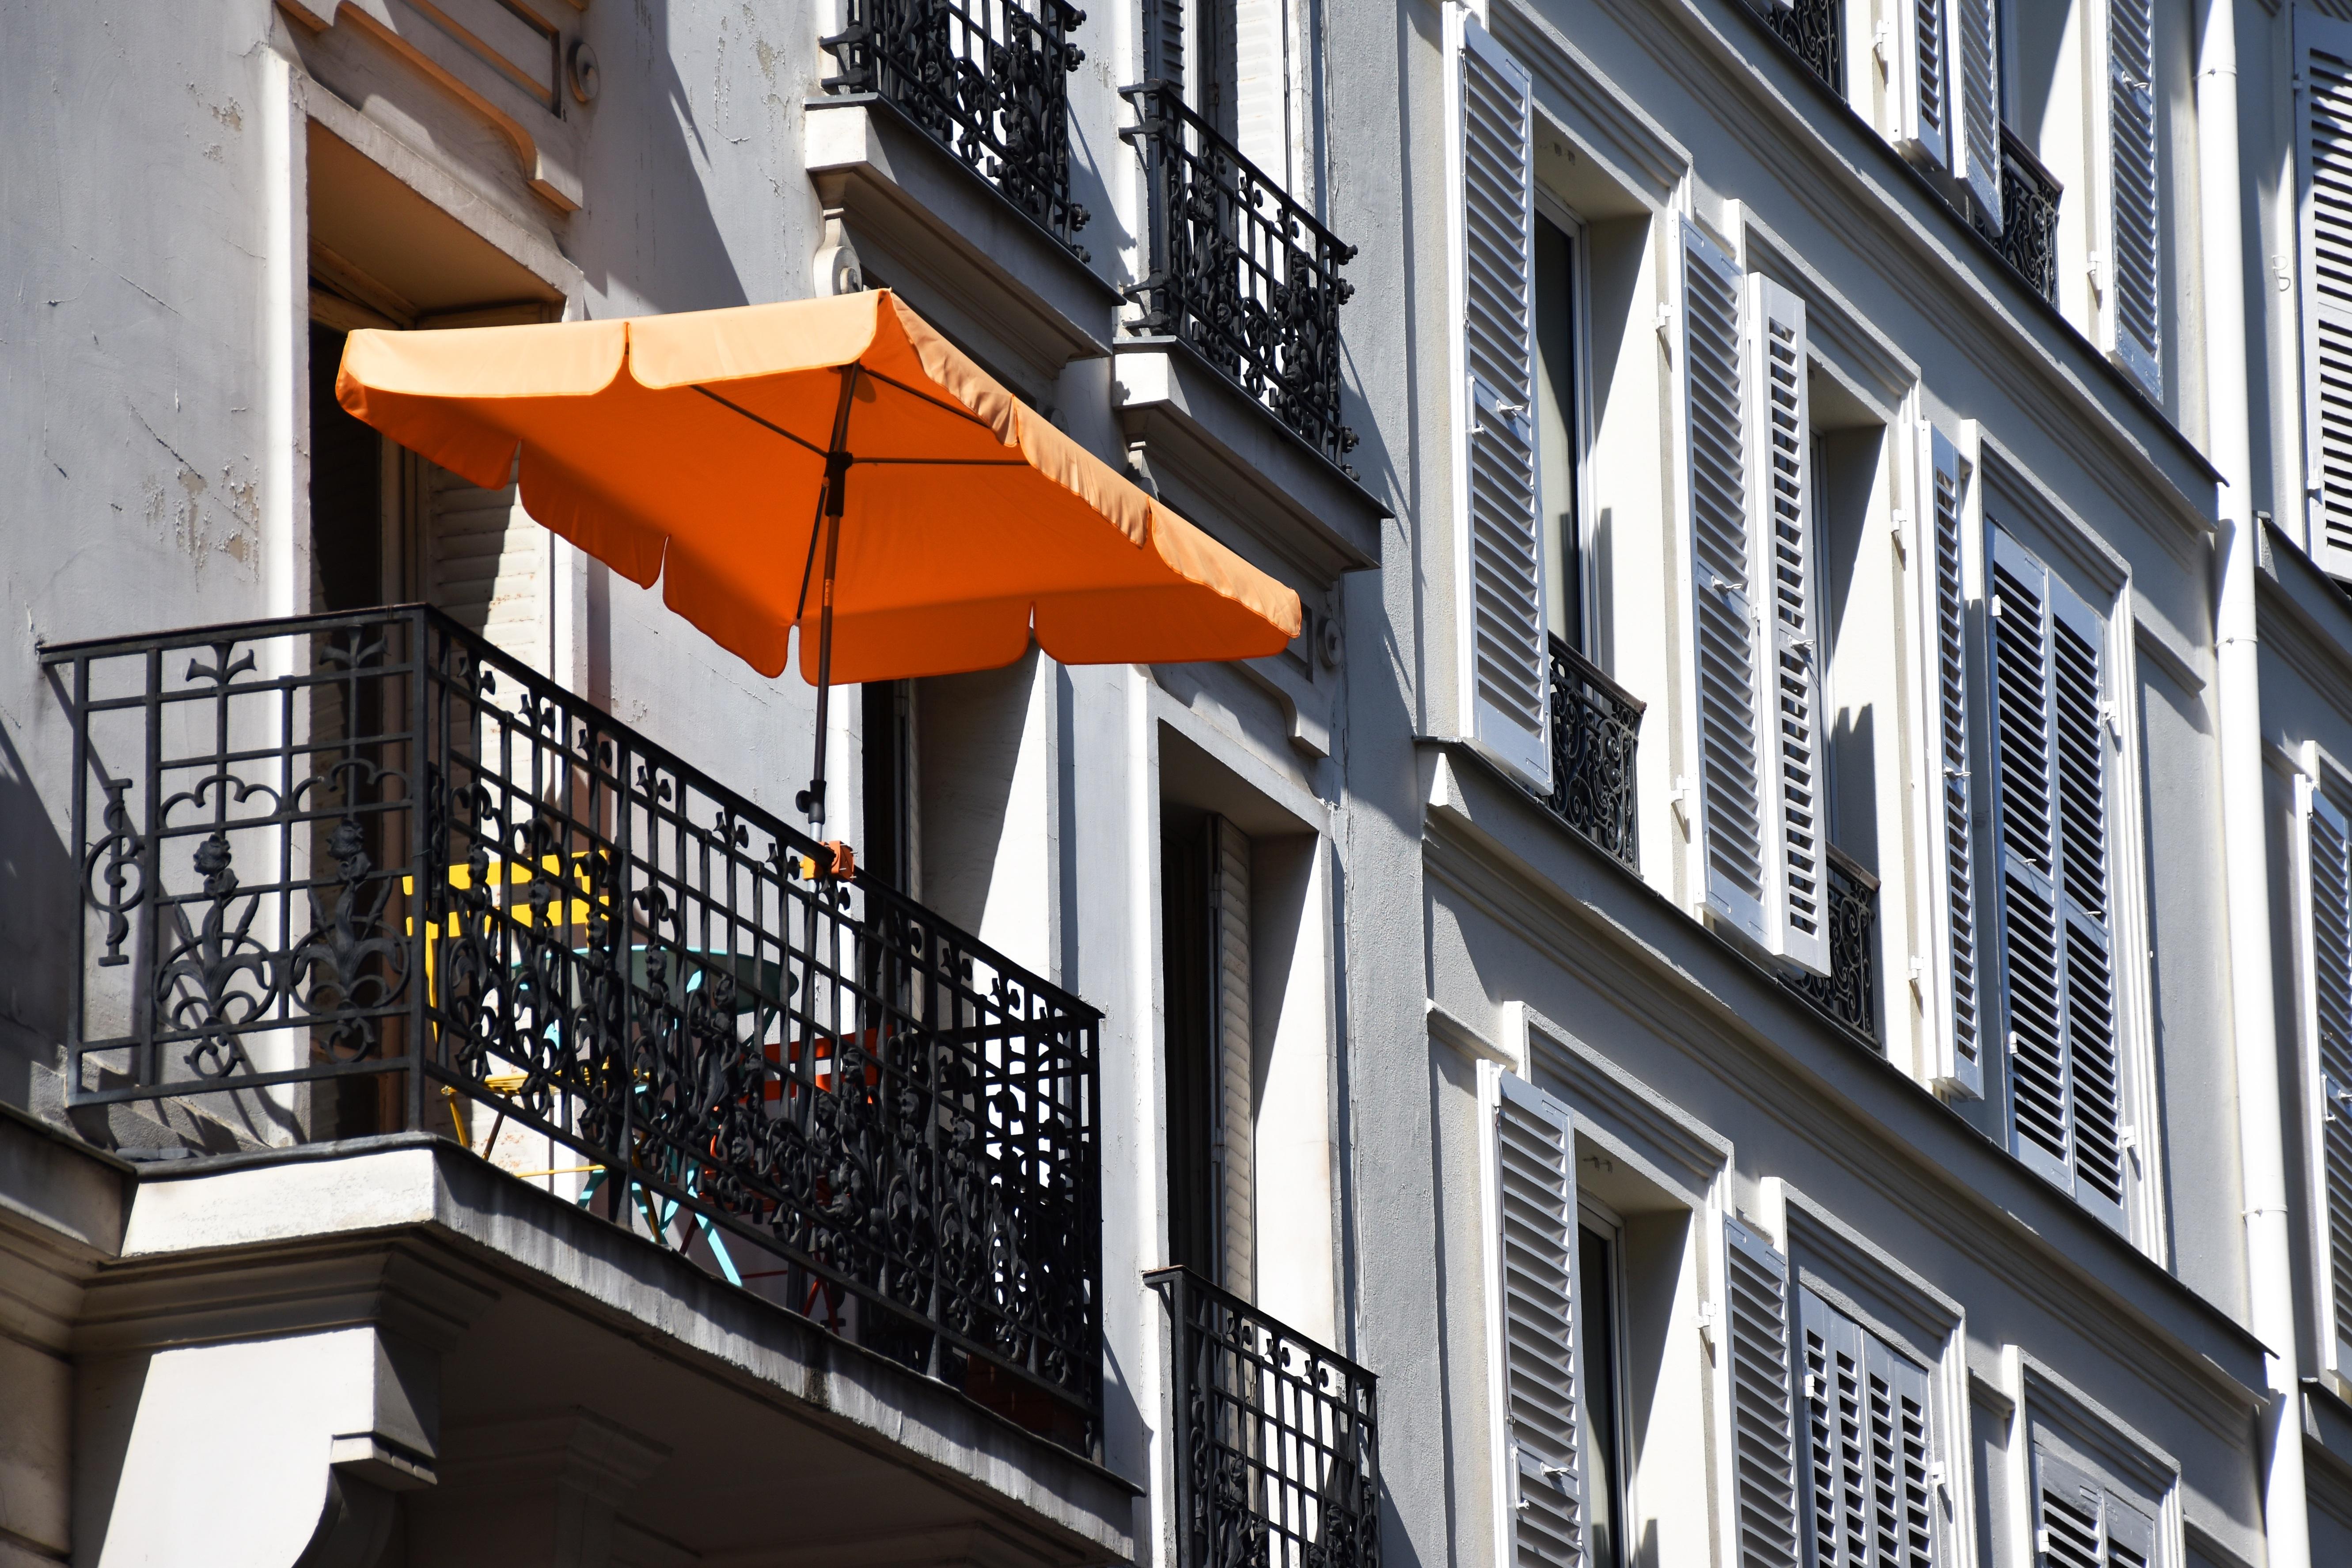 Картинки : архитектура, солнце, окно, здание, балкон, оранже.